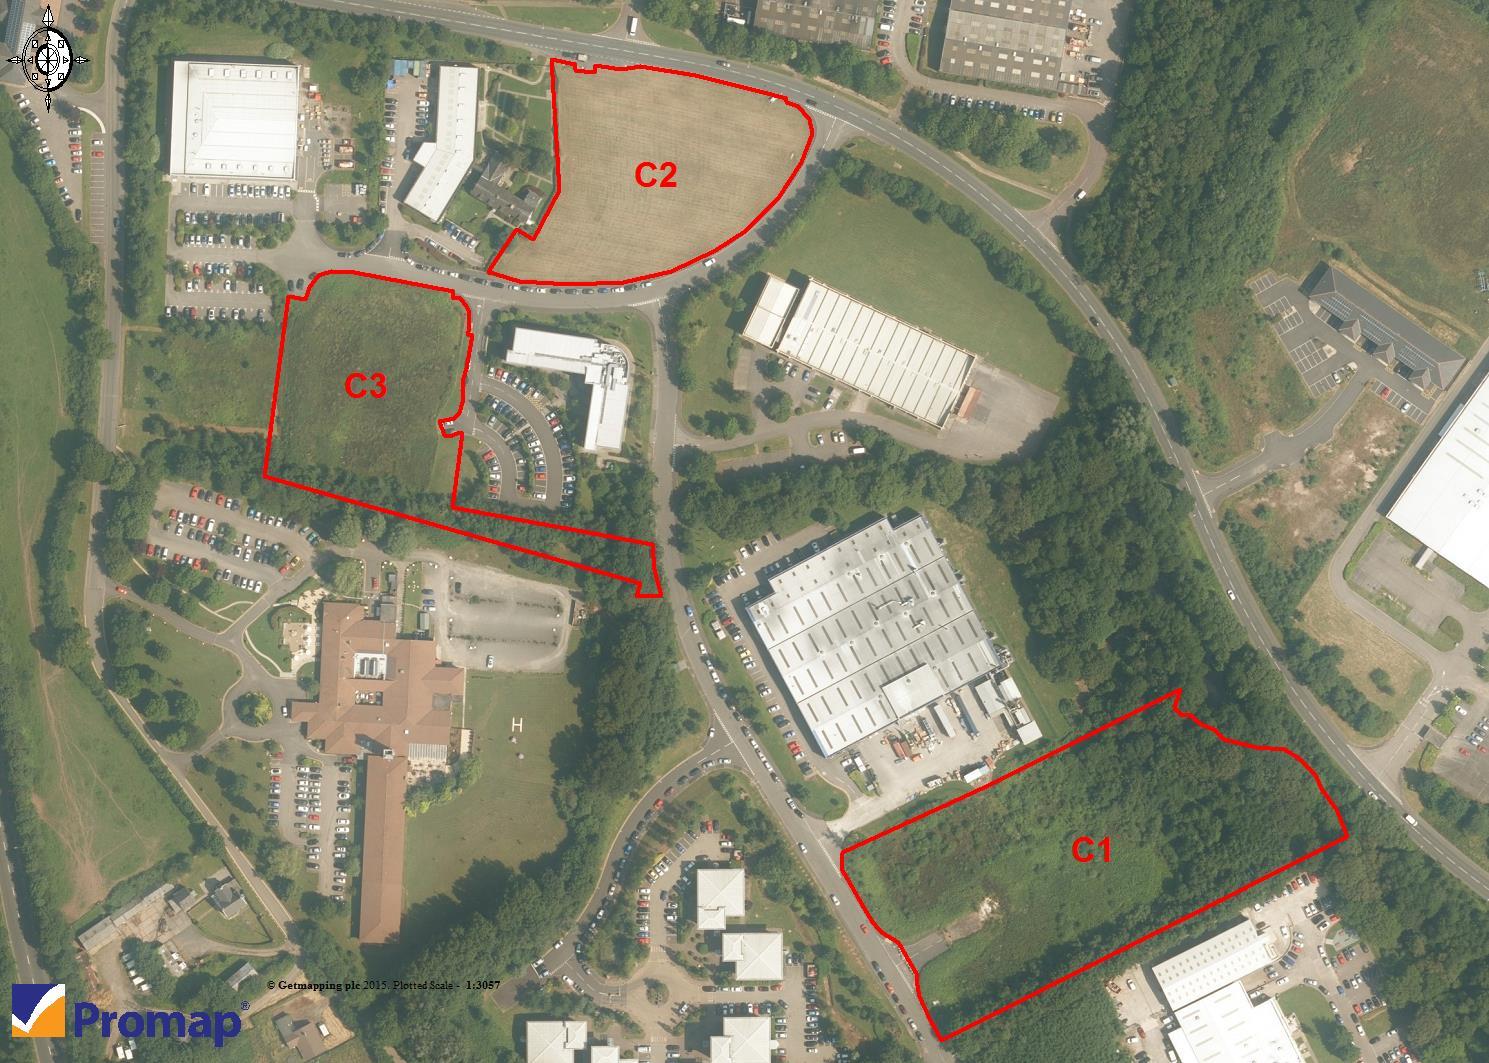 Development Land in Cwmbran, CWMBRAN